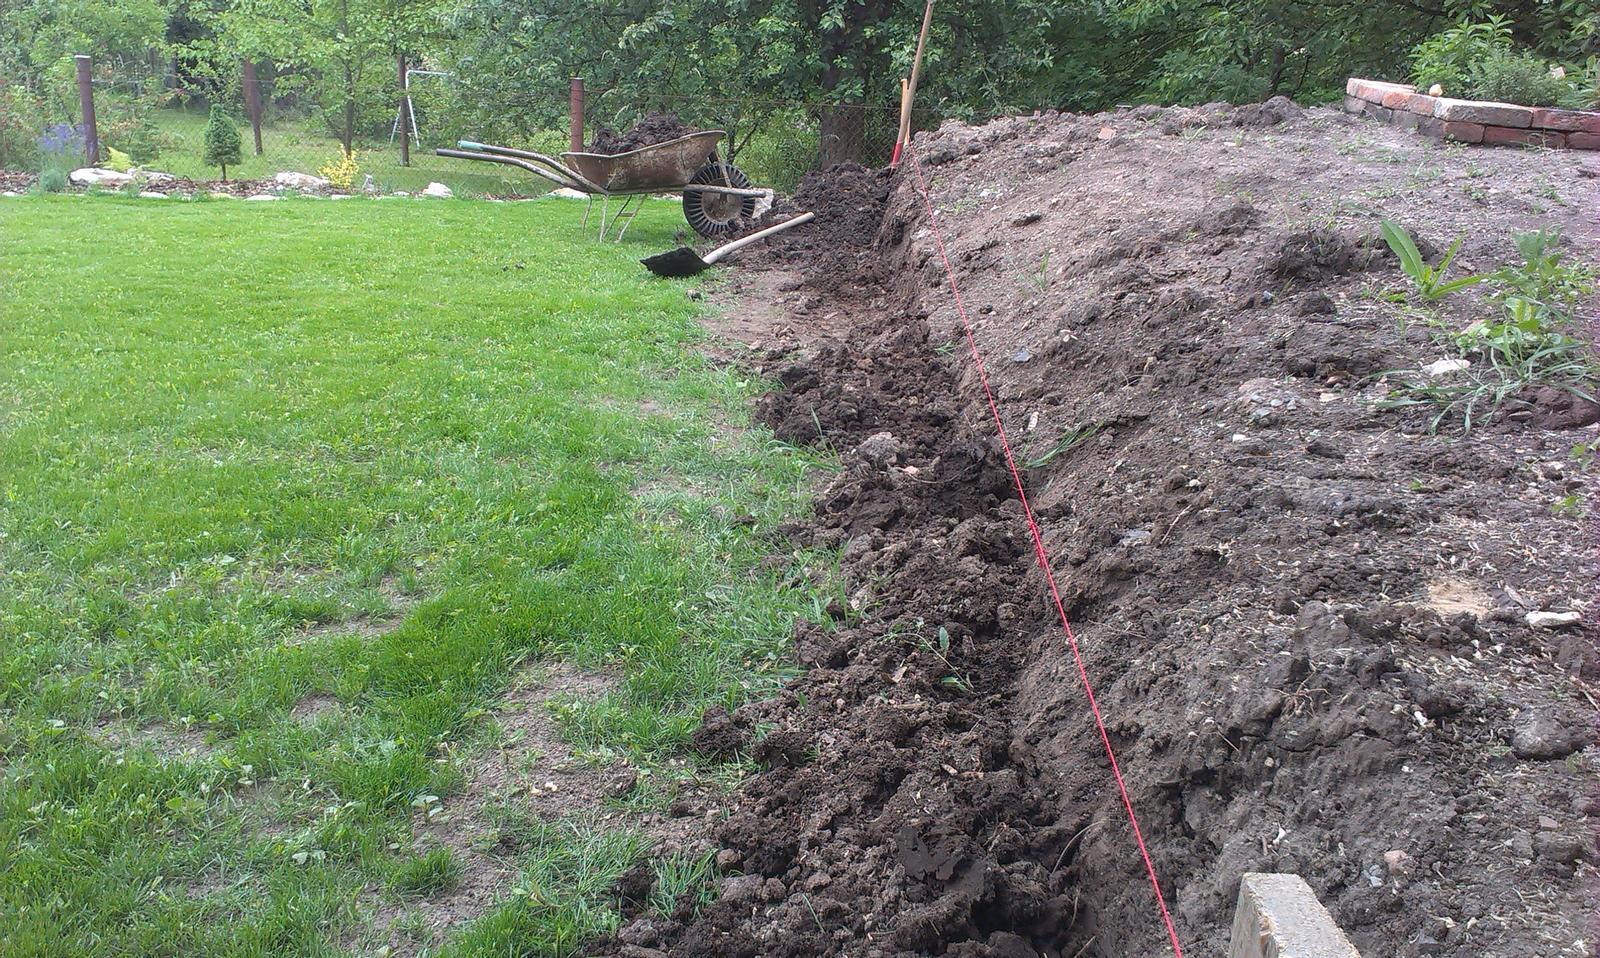 Záhrada - Začíname opěrnú zídku - rúčo výkop základov... uf ale som si mákla